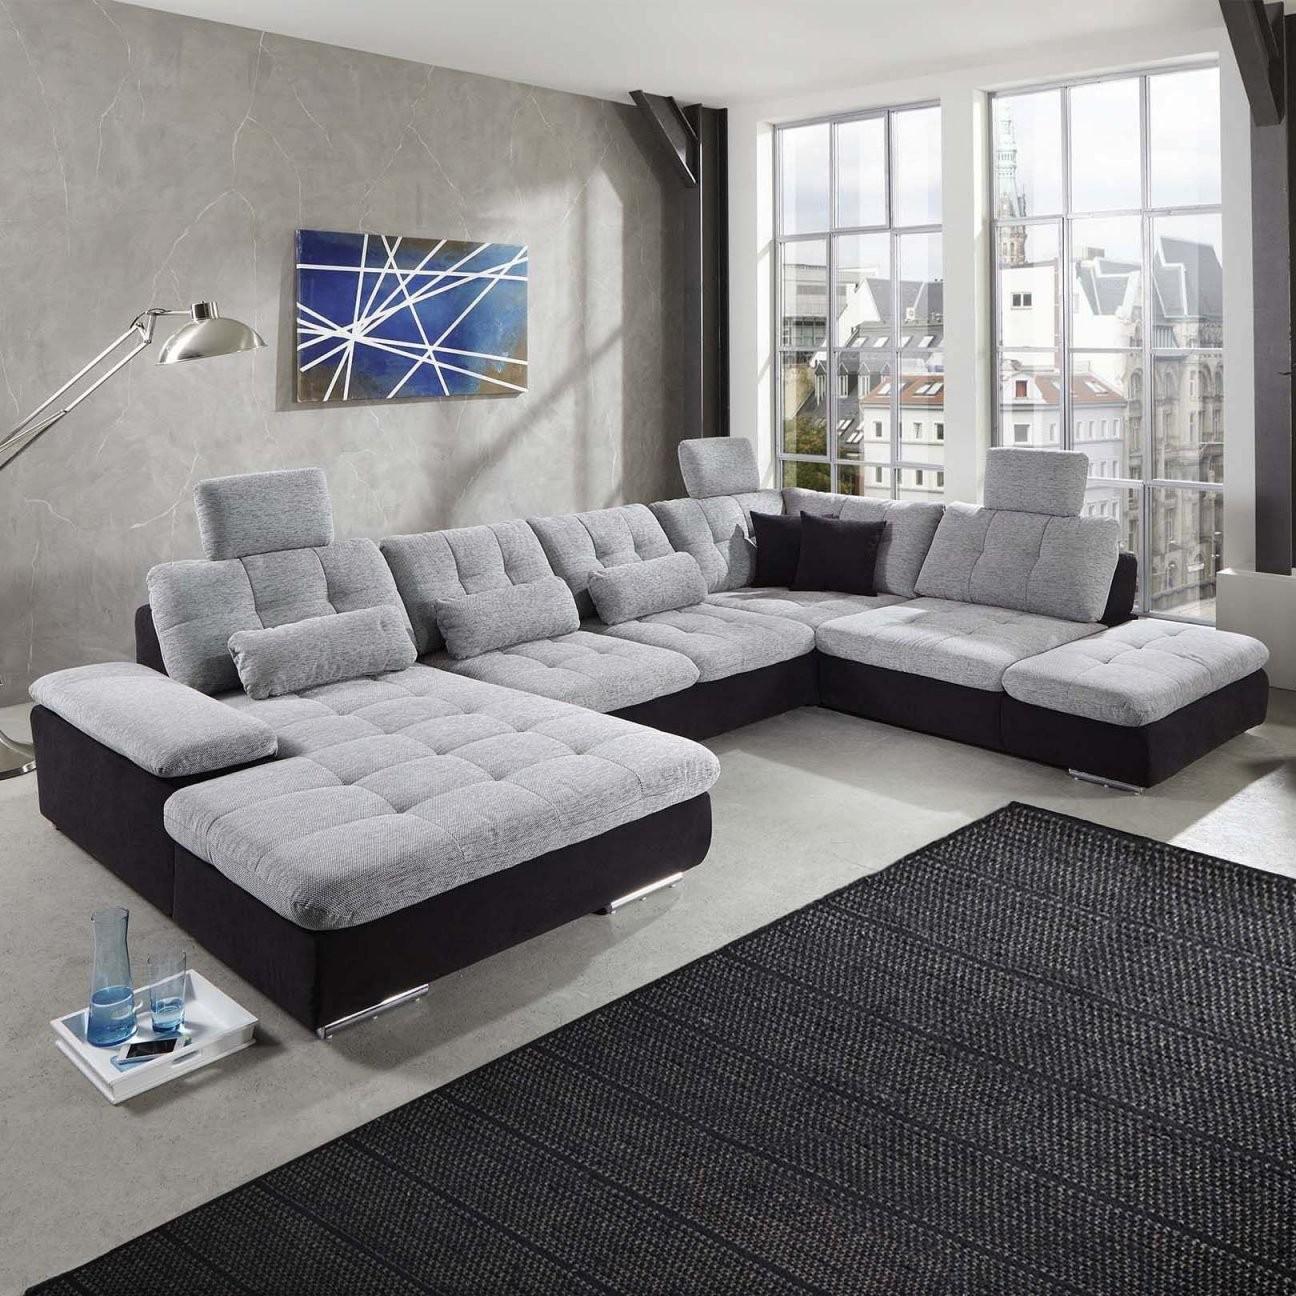 Wohnlandschaft Power Individuell Konfigurierbares Sofa In Uform von Xxl Wohnlandschaft U Form Bild